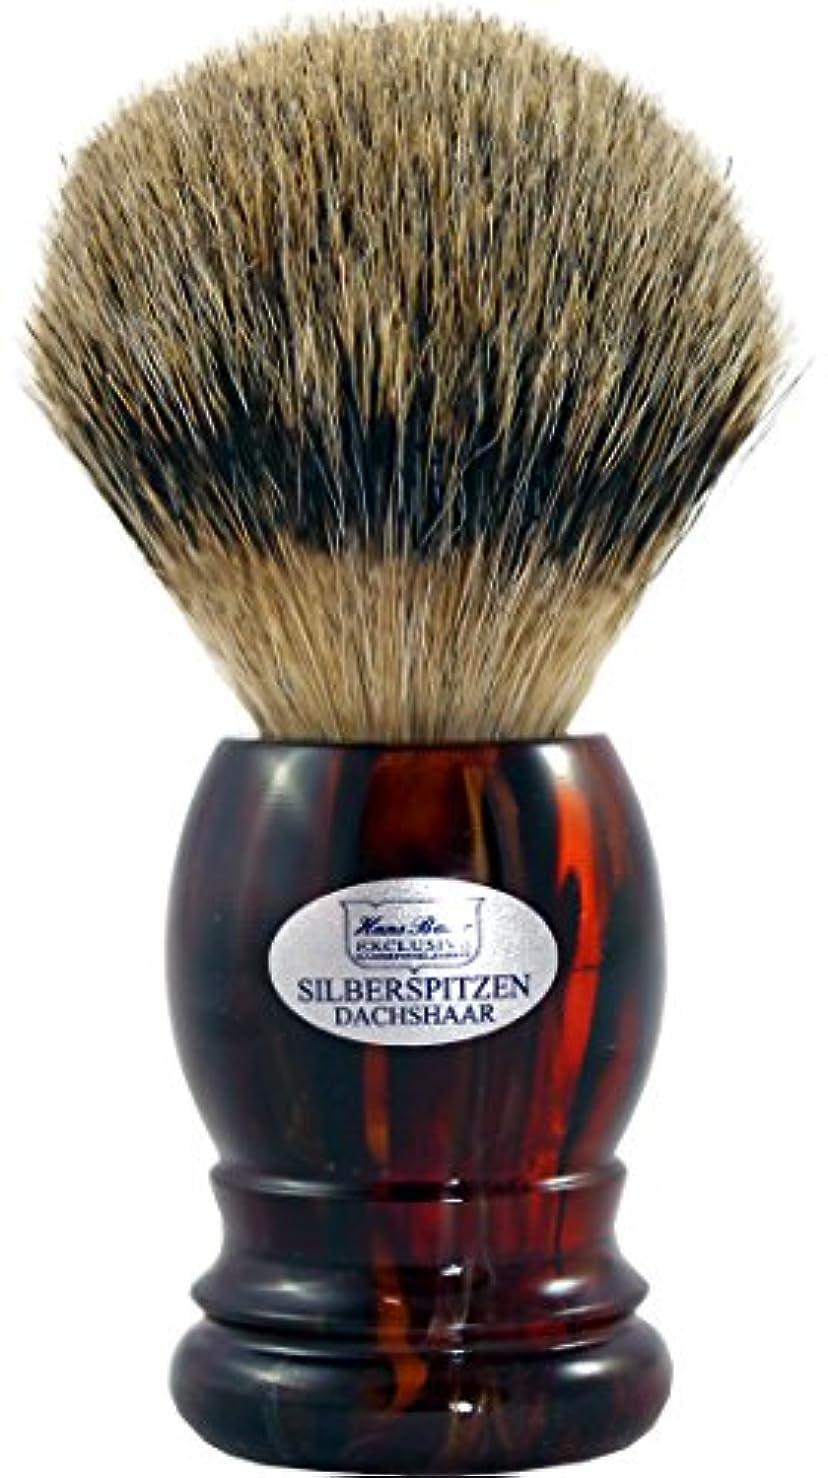 汚すわがまま大使館Shaving brush silvertip badger, Havanna handle - Hans Baier Exclusive